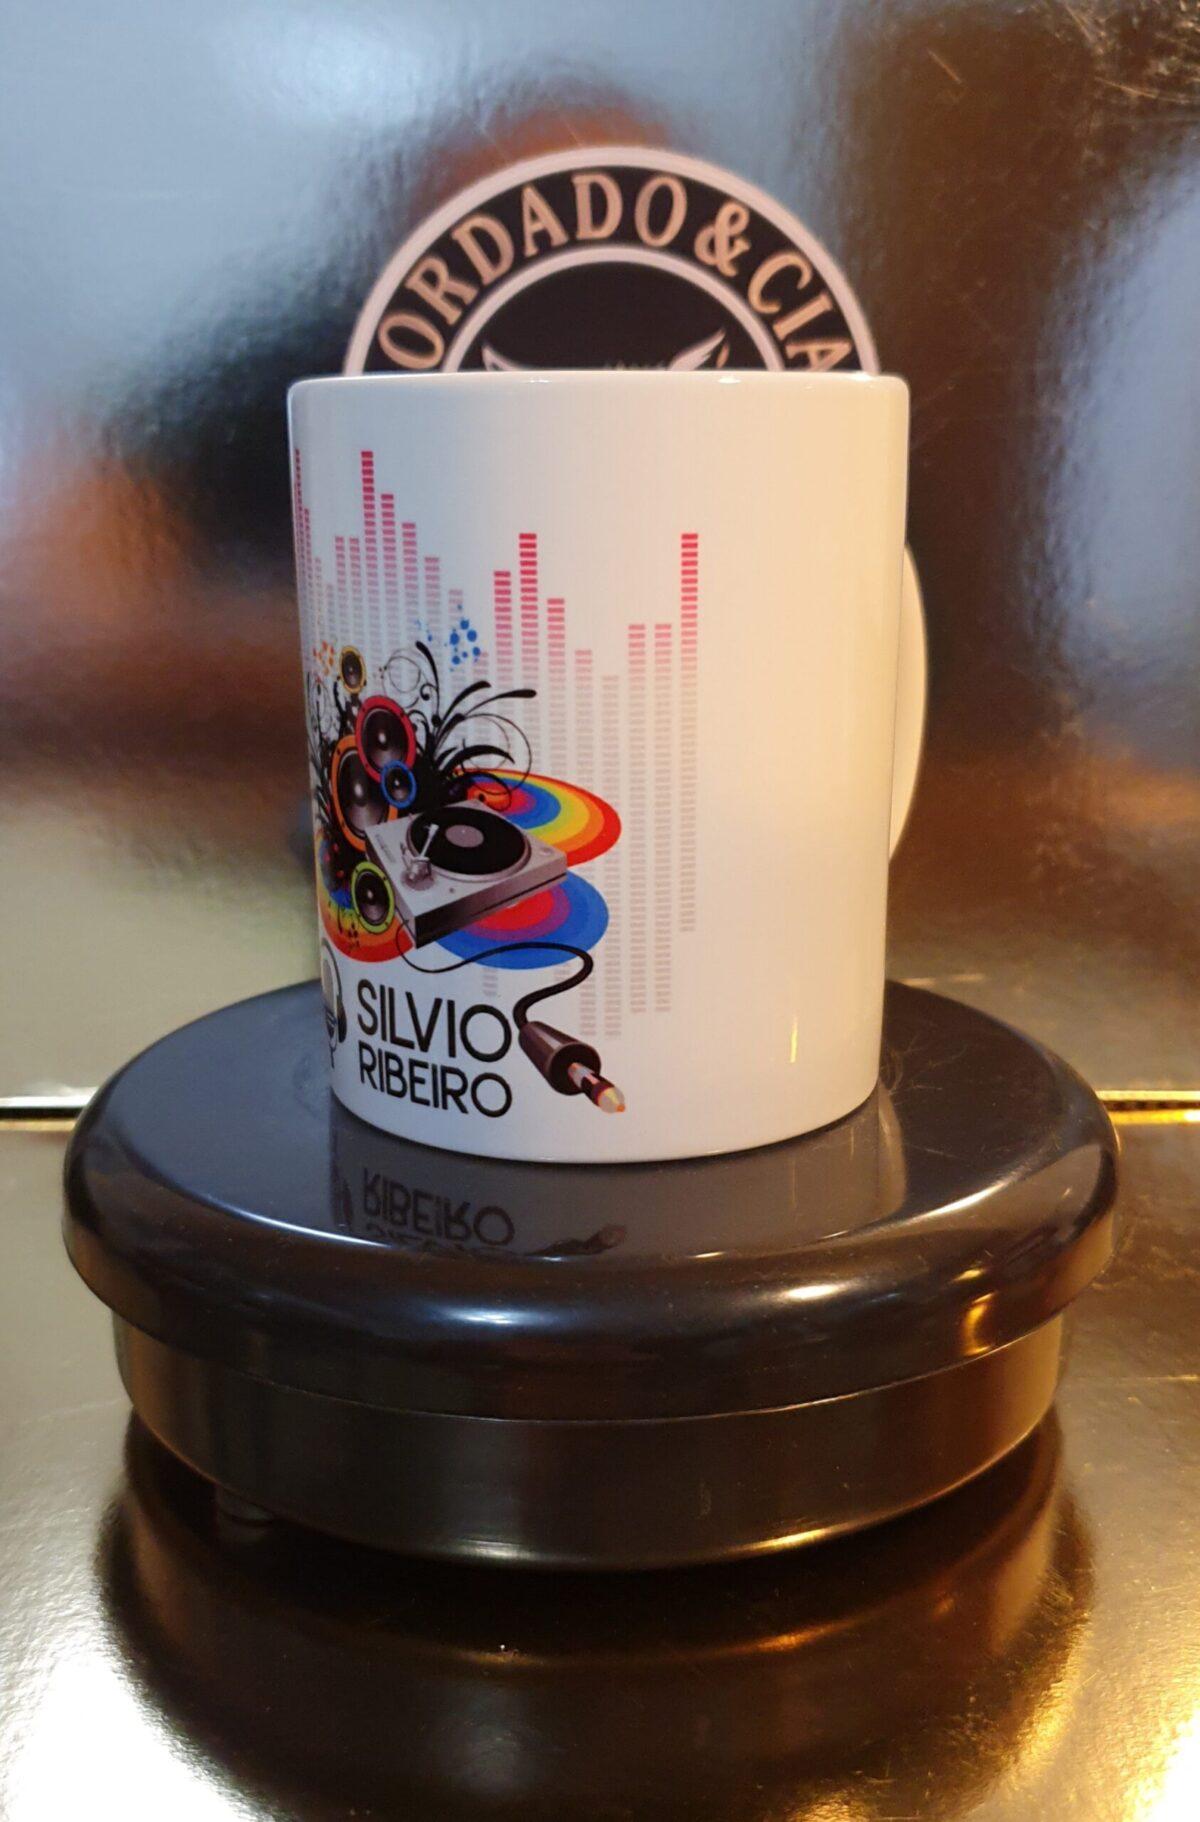 Caneca Oficial do Silvio Ribeiro Locutor - Logo, Pickup e Equalizador - by Bordado & Cia - @bordado.cia @silvioribeirolocutor